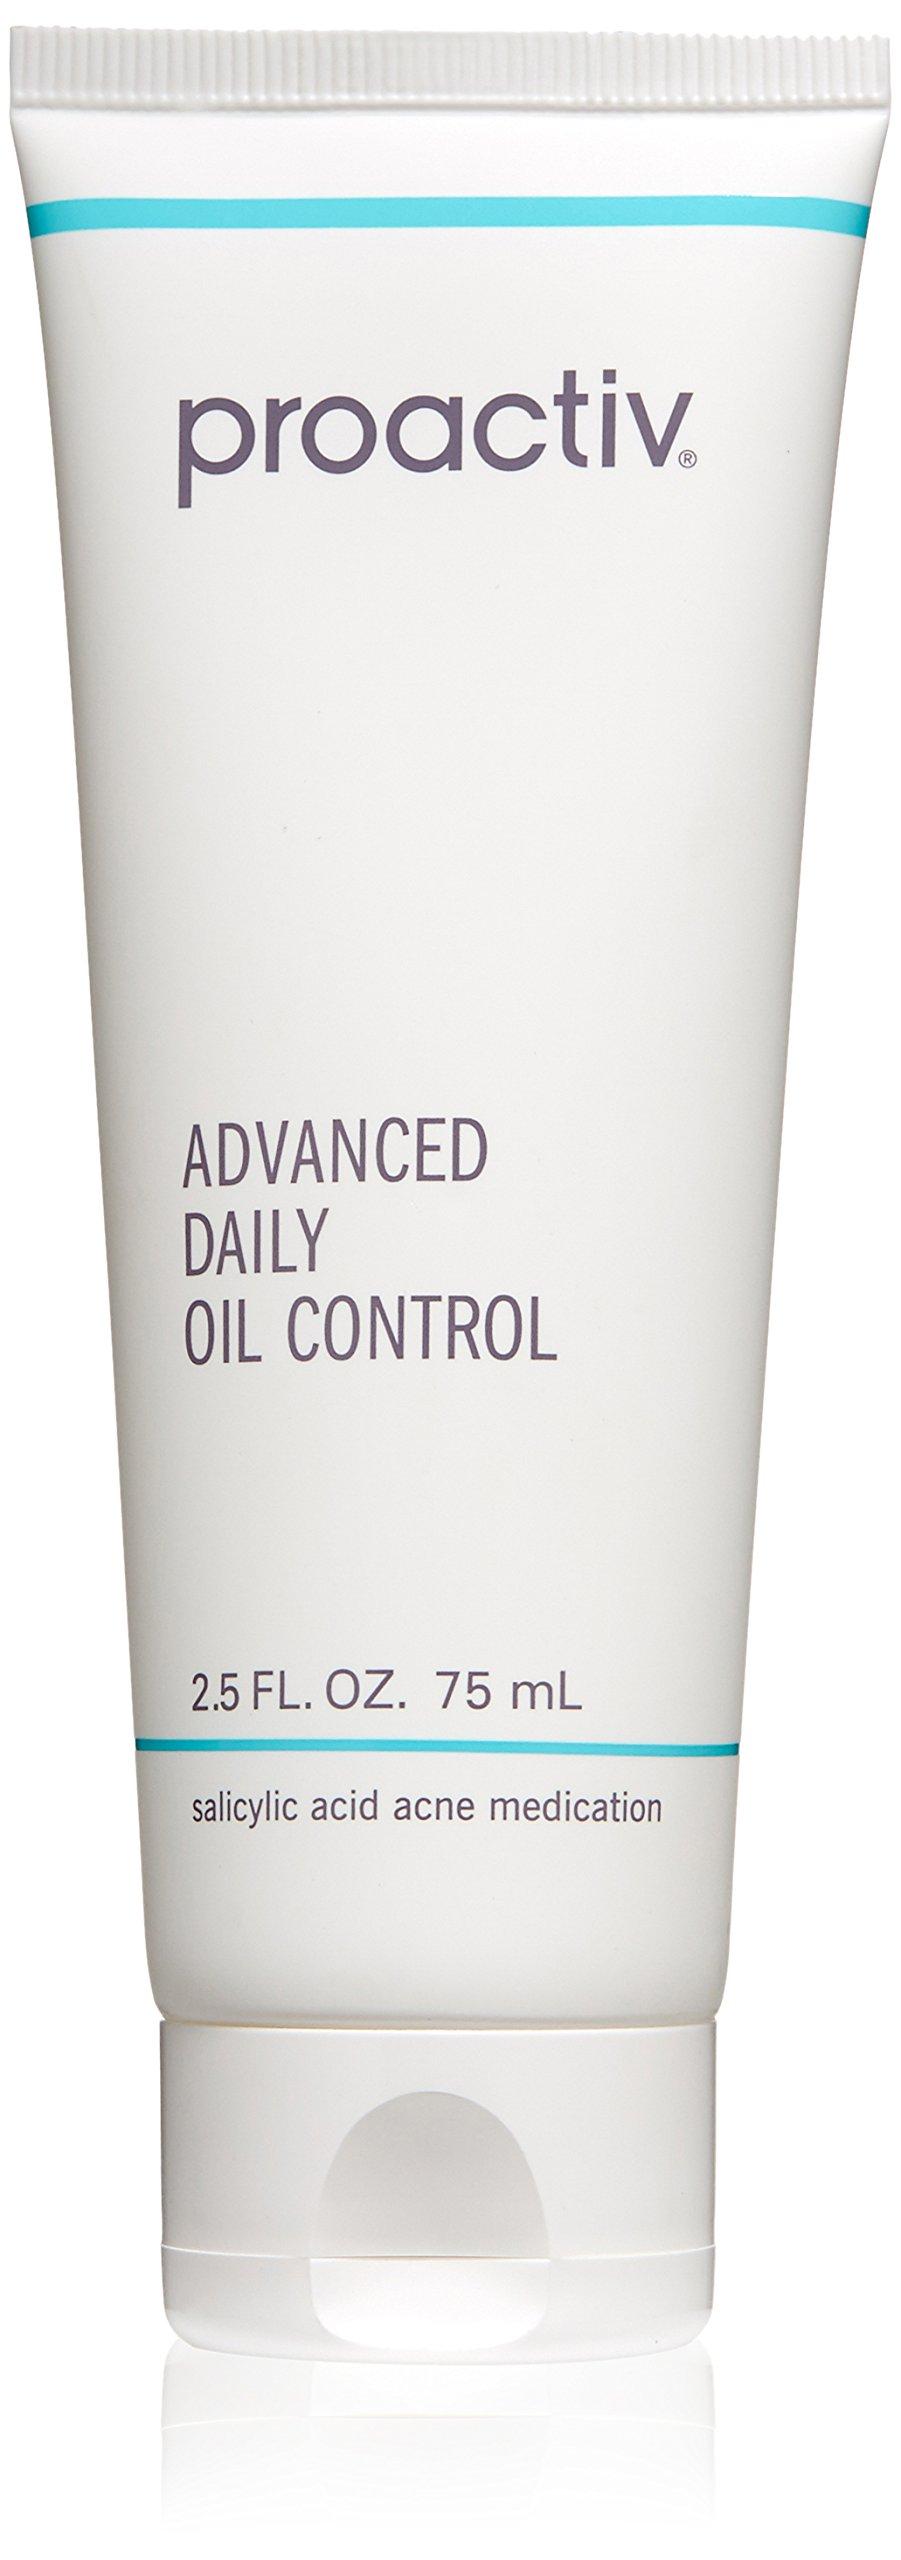 Proactiv Advanced Daily Oil Control, 2.5 Fluid Ounce